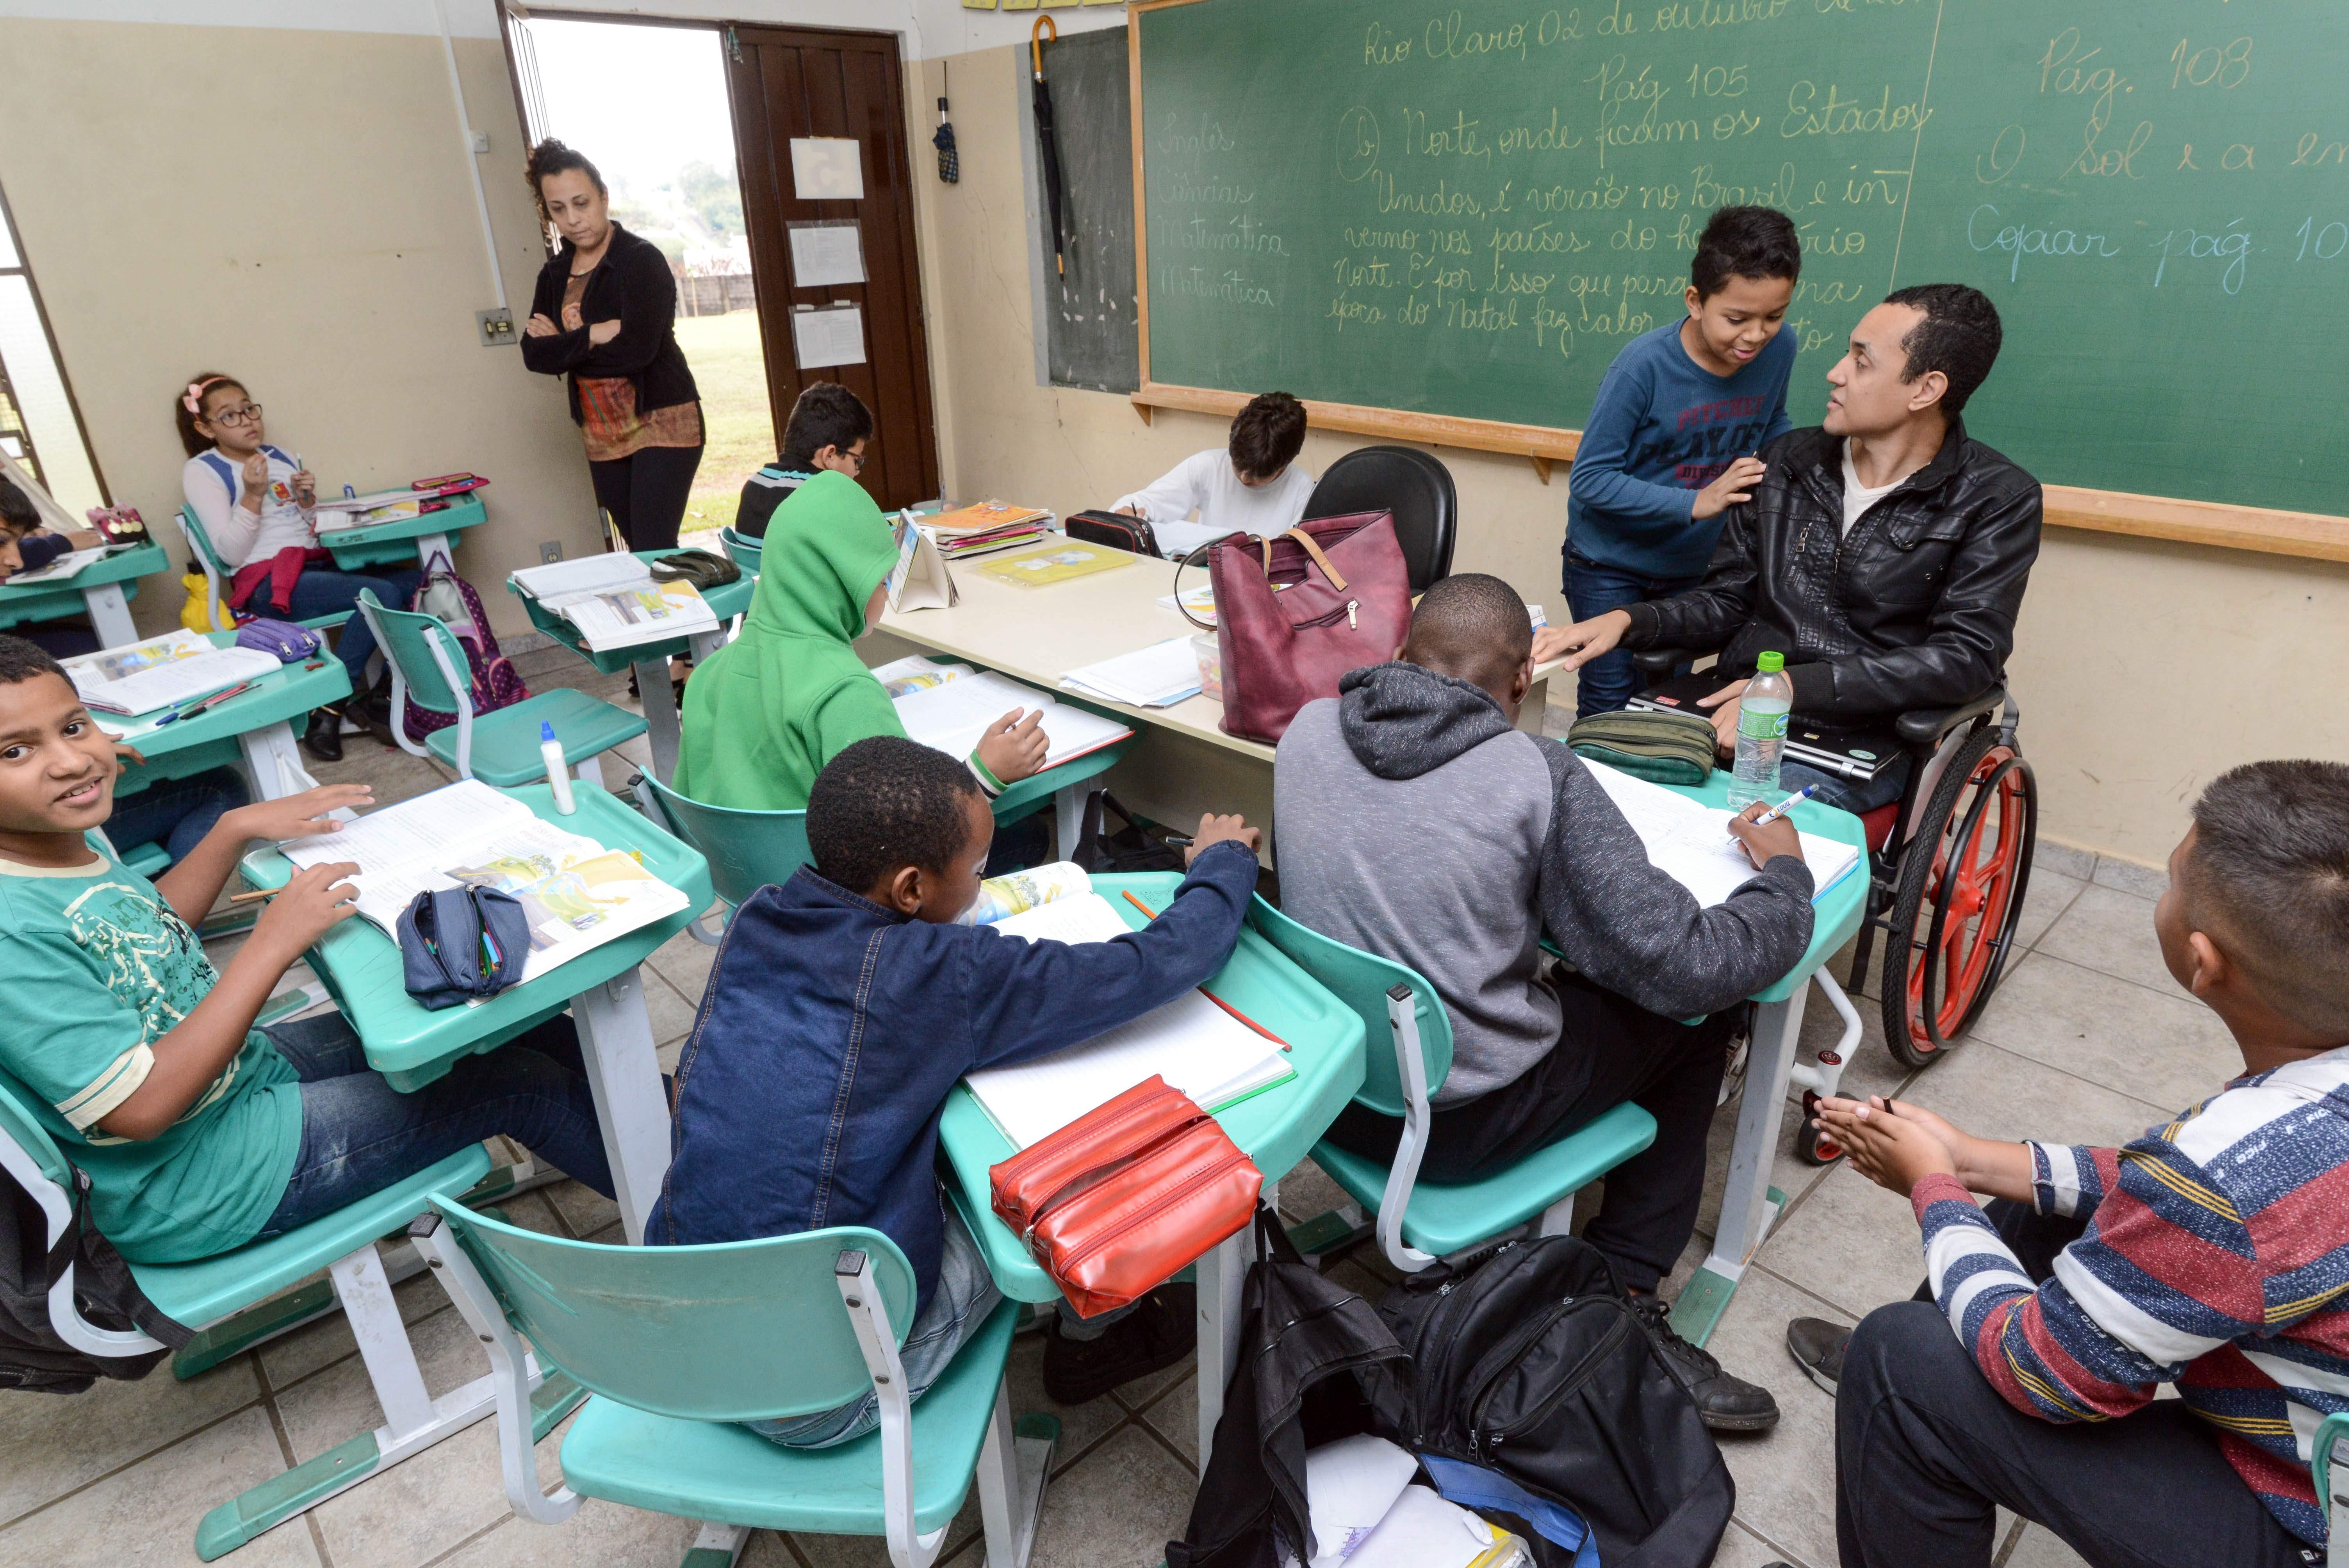 Prefeitura de Rio Claro abre consulta para ouvir população sobre retomada das aulas